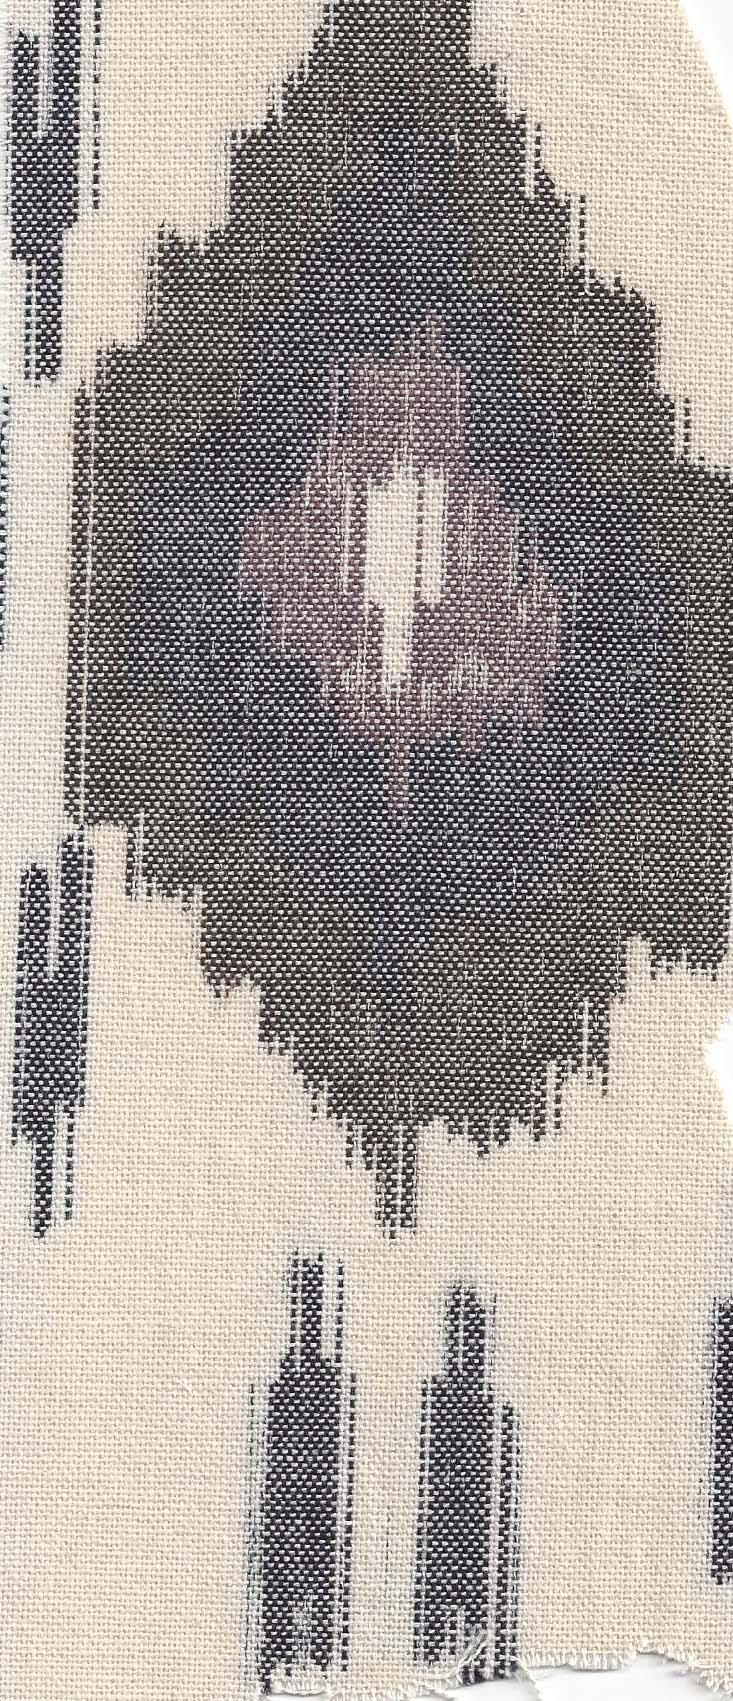 Lei Lei Textile 6.jpg